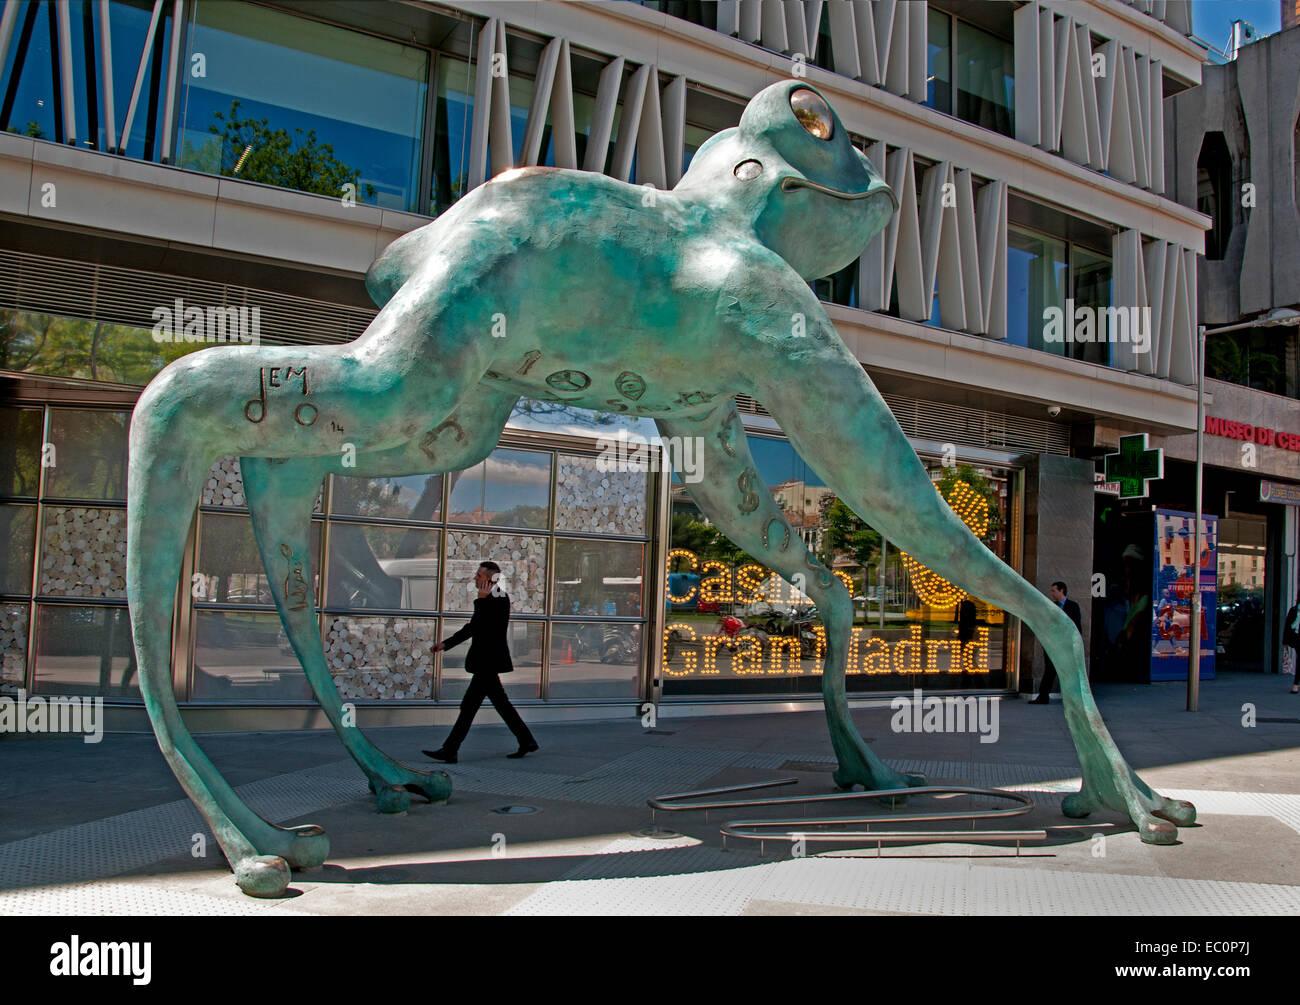 Ein riesiger Frosch hat vor dem Casino Gran Madrid Colón am Paseo de Recoletos installiert worden. Frösche Stockbild